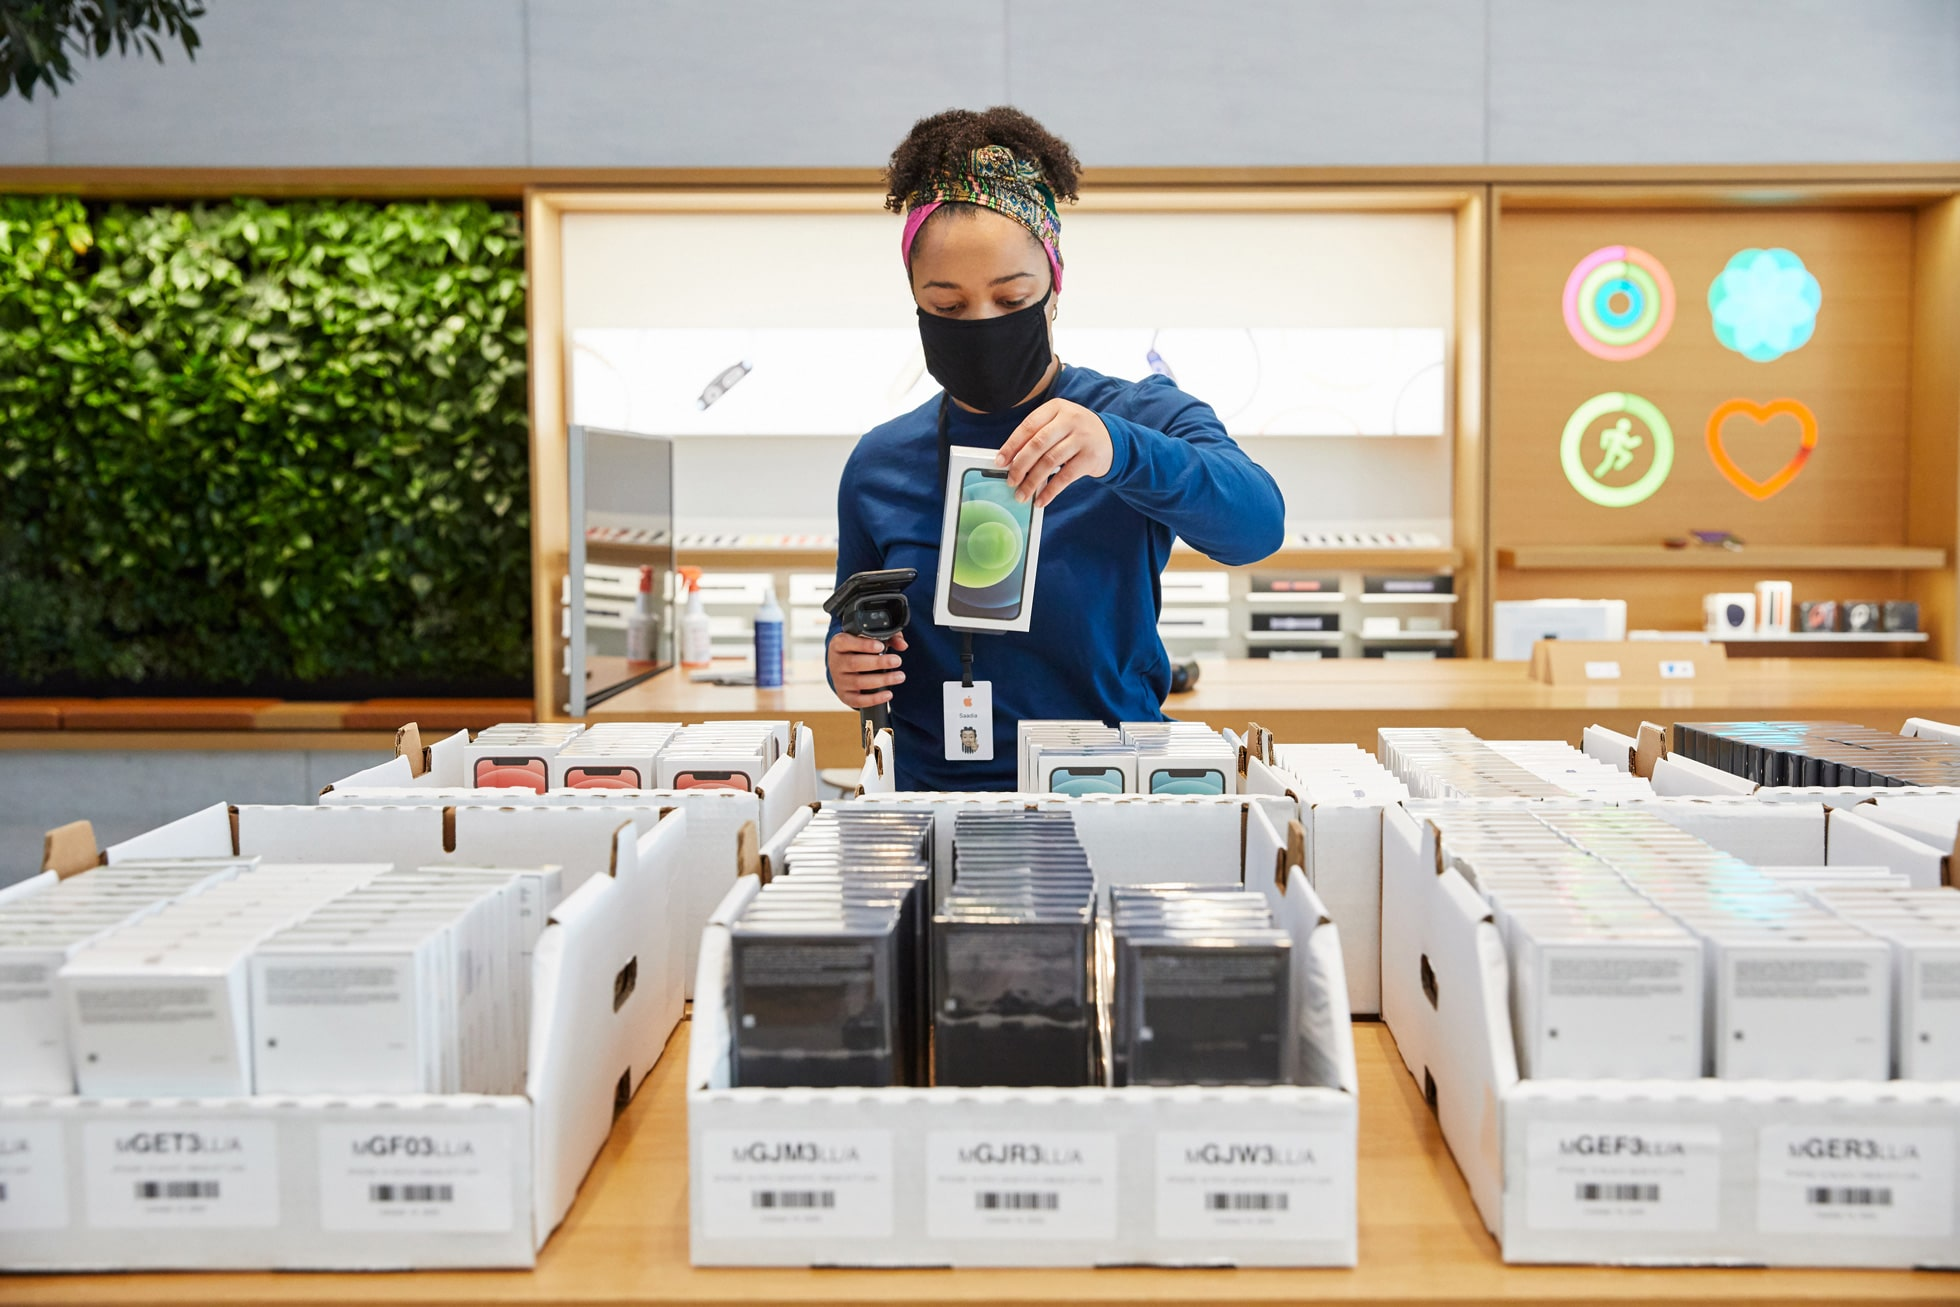 Empregada de Apple Store identificando caixas de iPhones 12 e 12 Pro